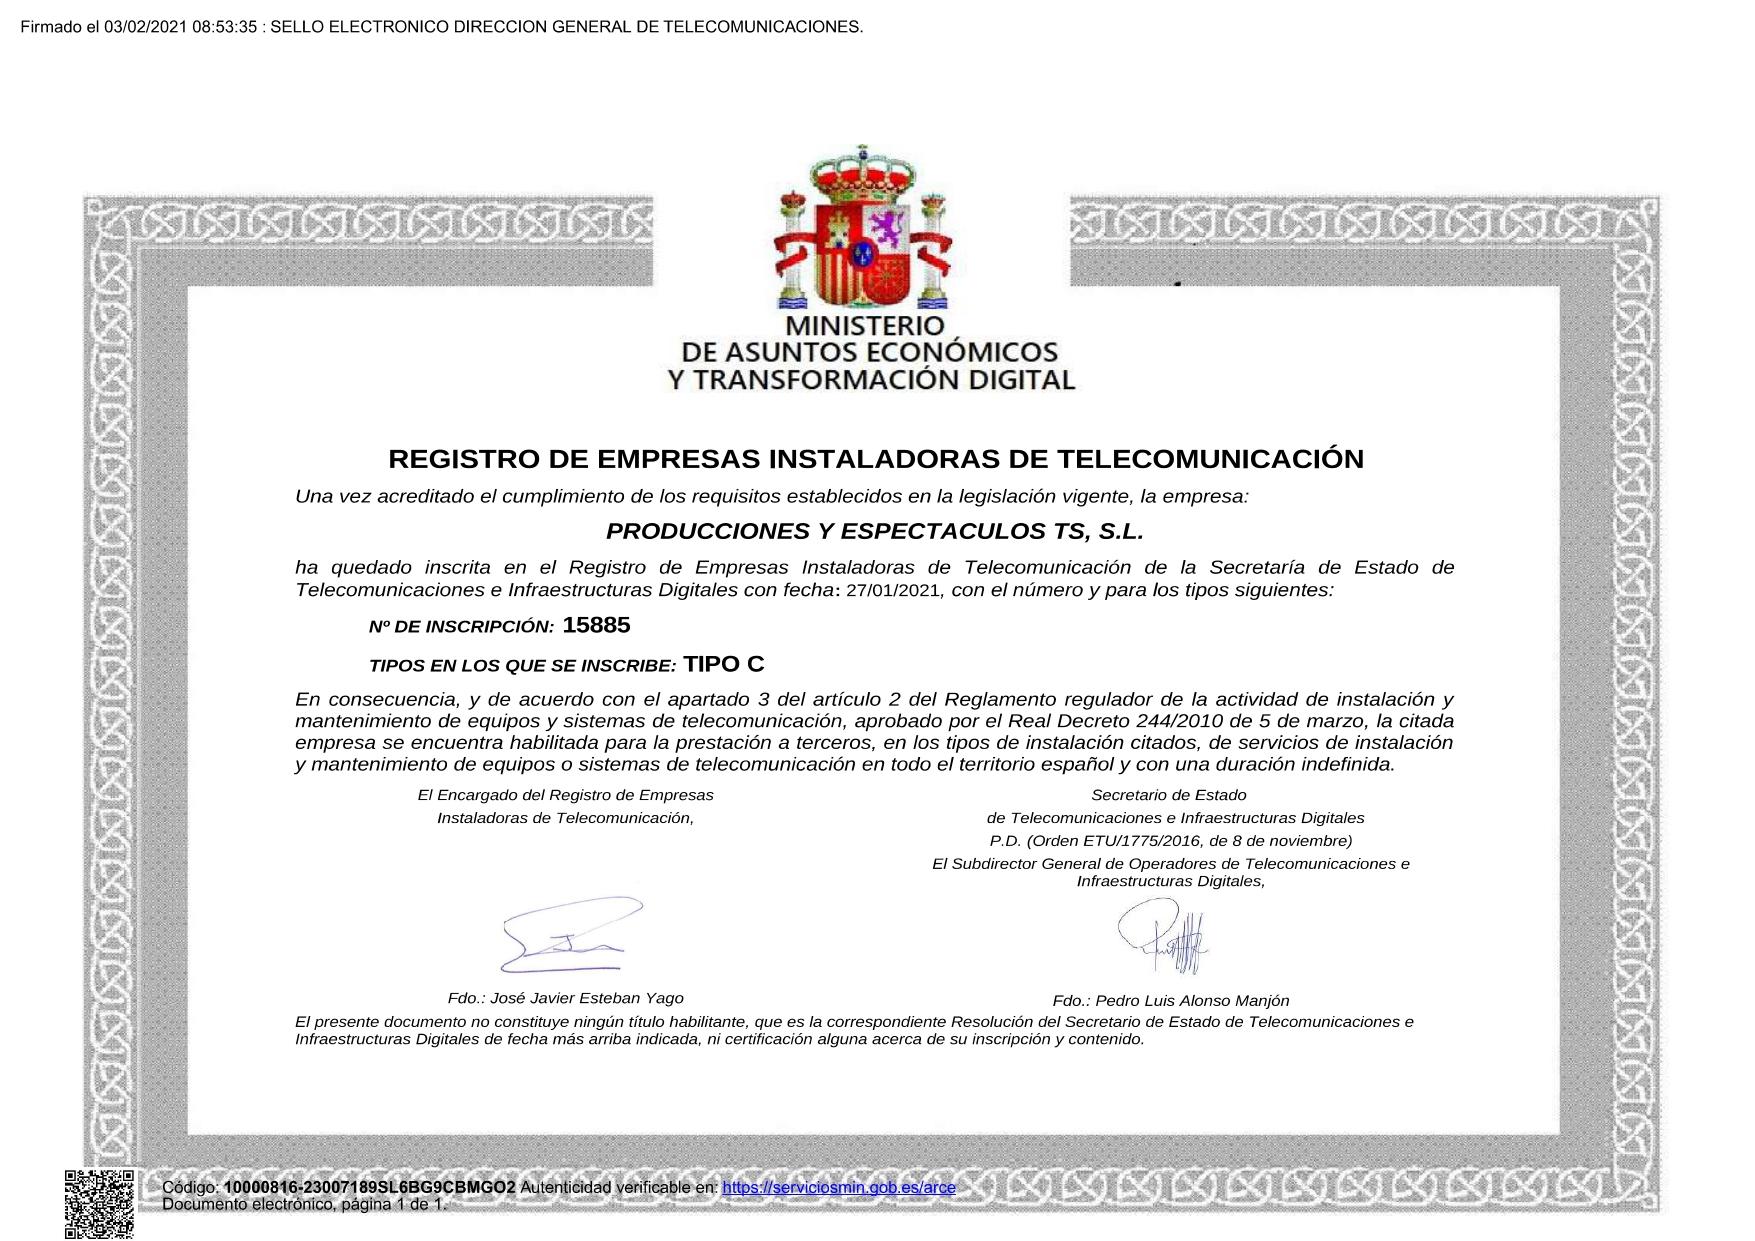 Registro de Empresas Instaladoras de Telecomunicación